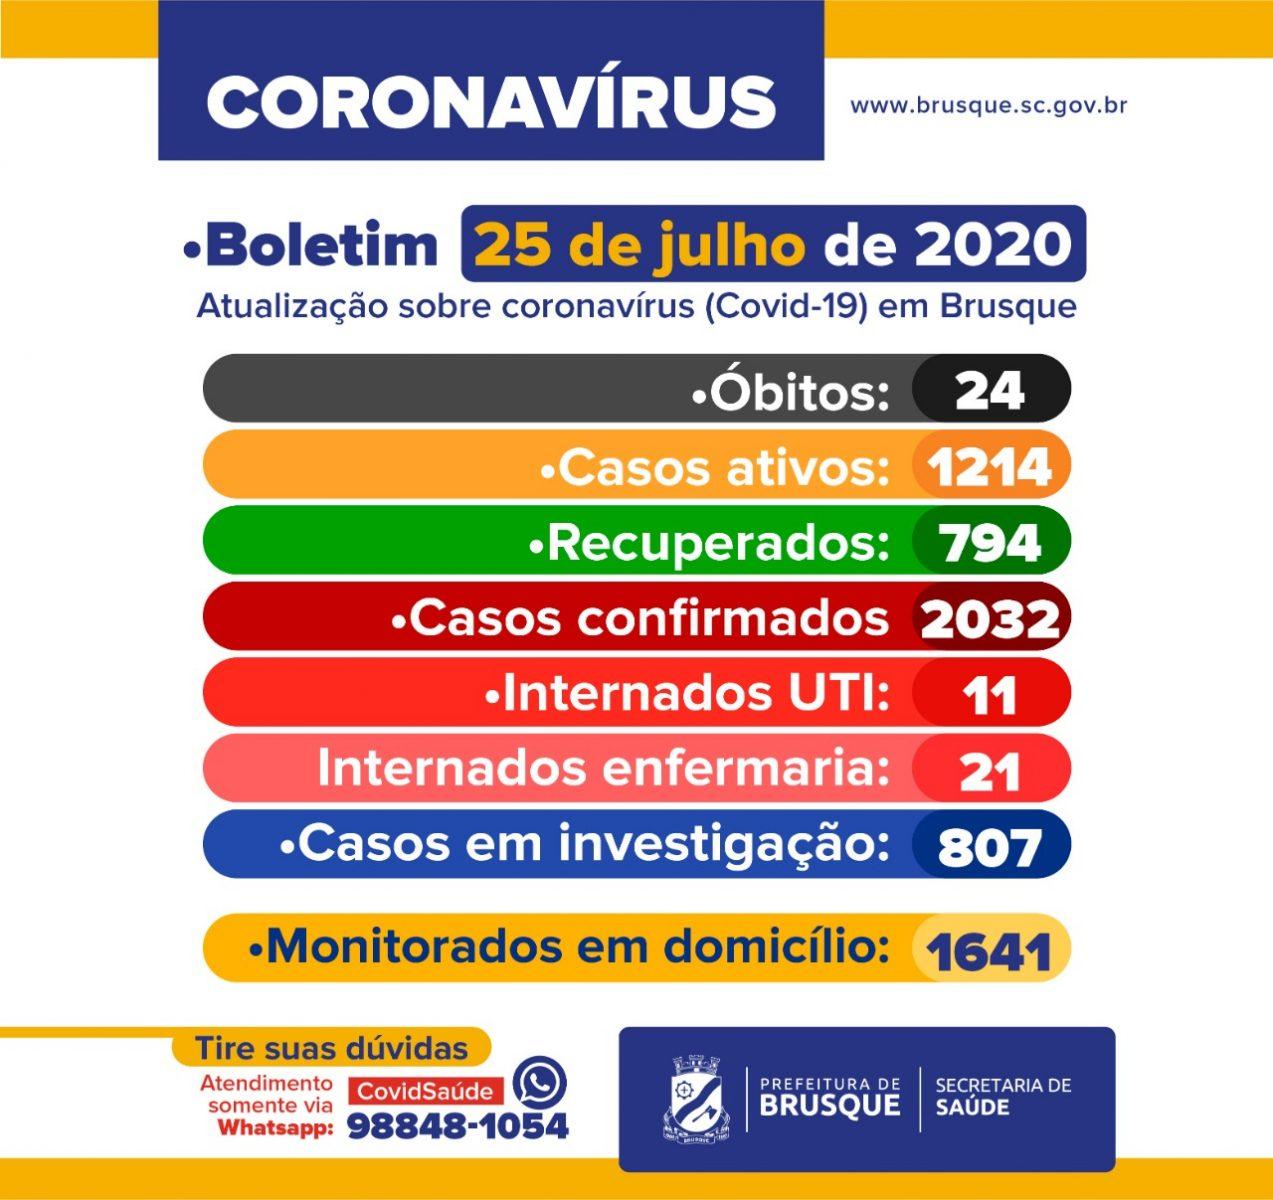 COVID-19: Boletim epidemiológico 25 de julho